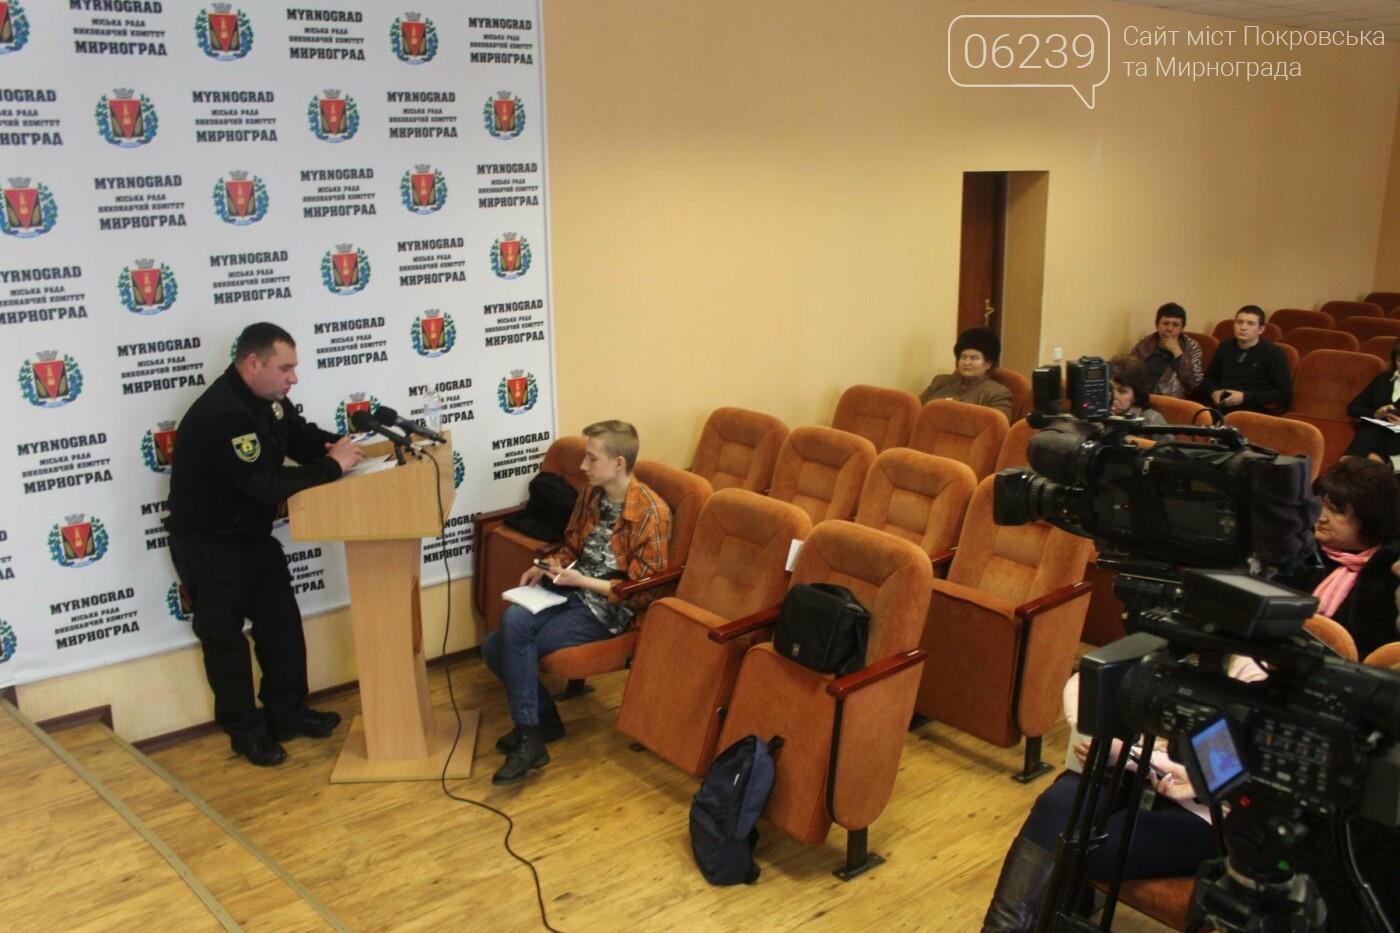 В Мирнограде состоялась 45-я сессия городского совета, депутаты рассмотрели 33 вопроса повестки дня, фото-1